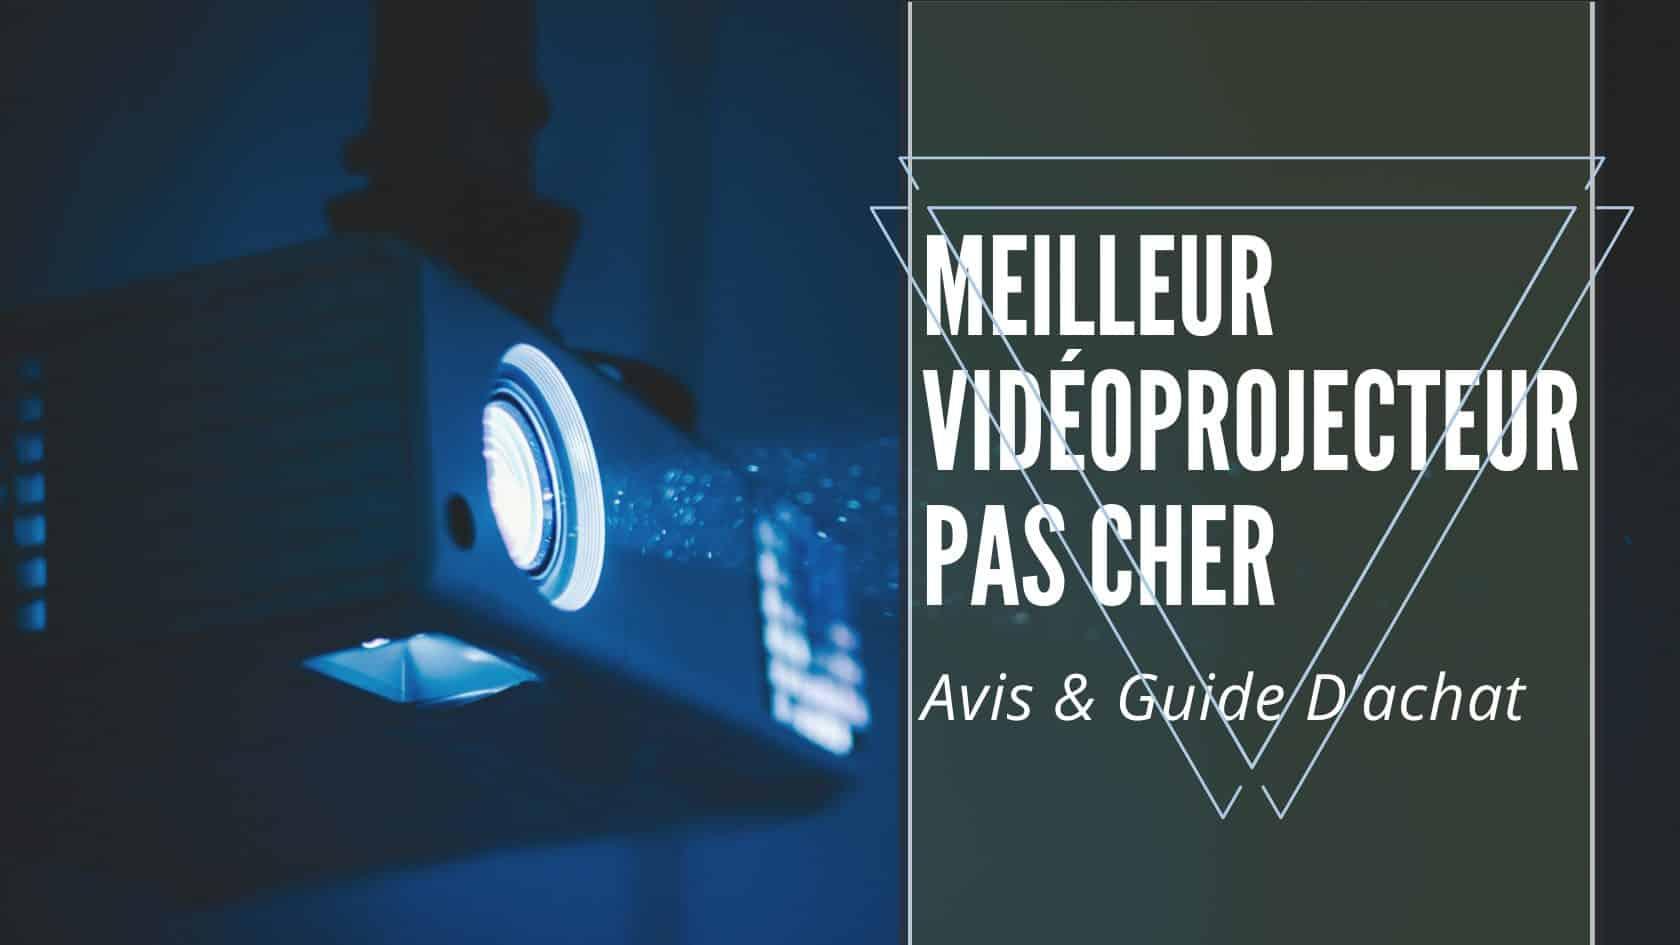 Meilleur Vidéoprojecteur Pas Cher